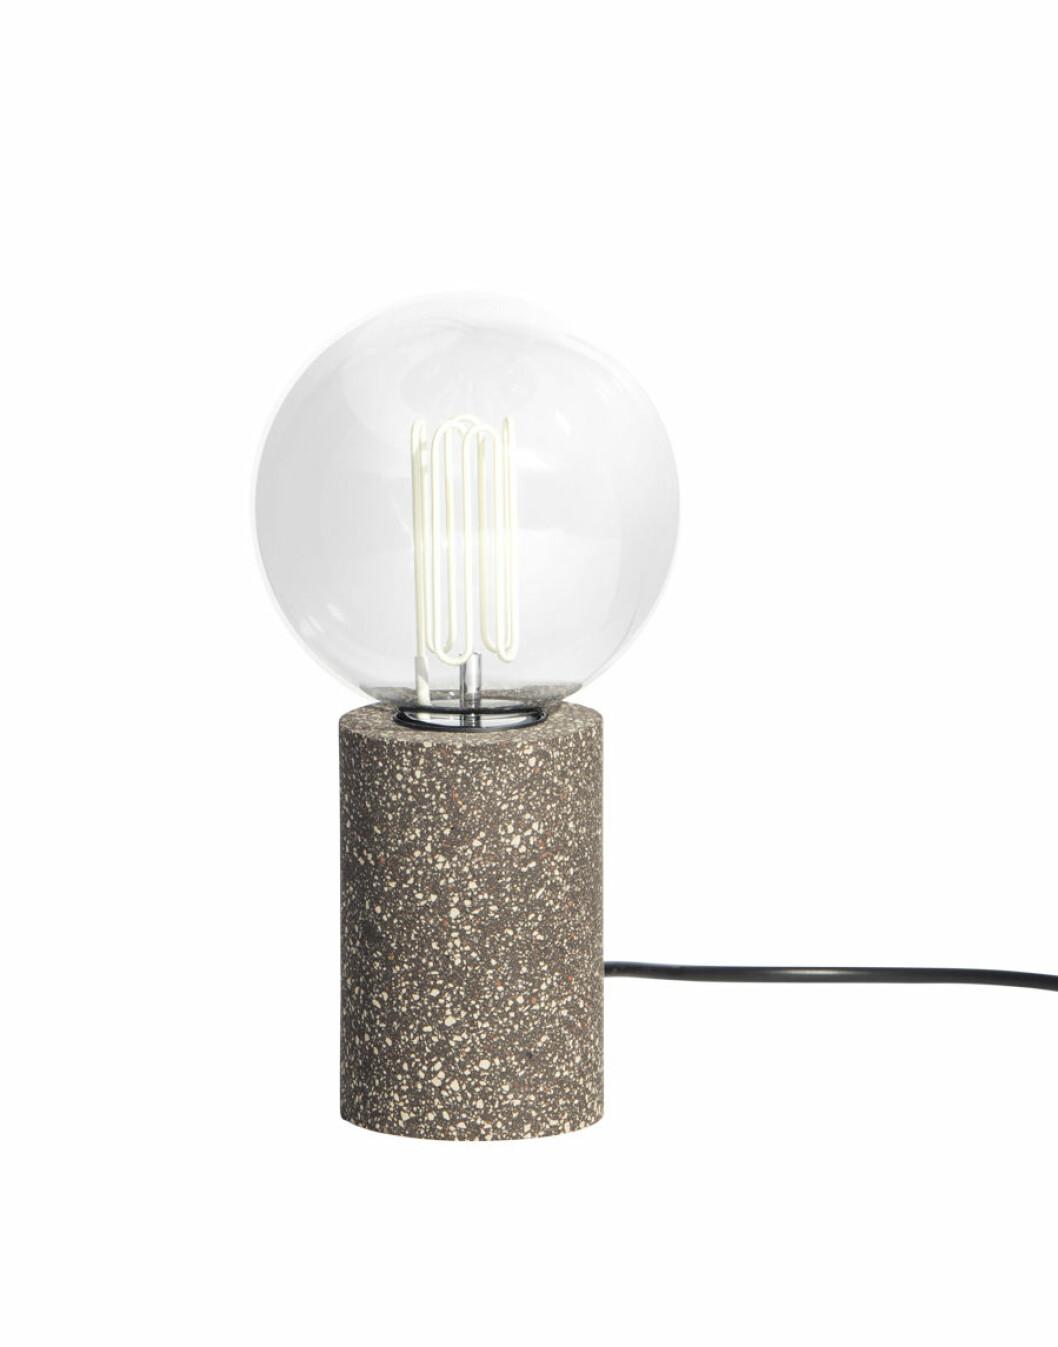 Lampa gjord av spillmaterial